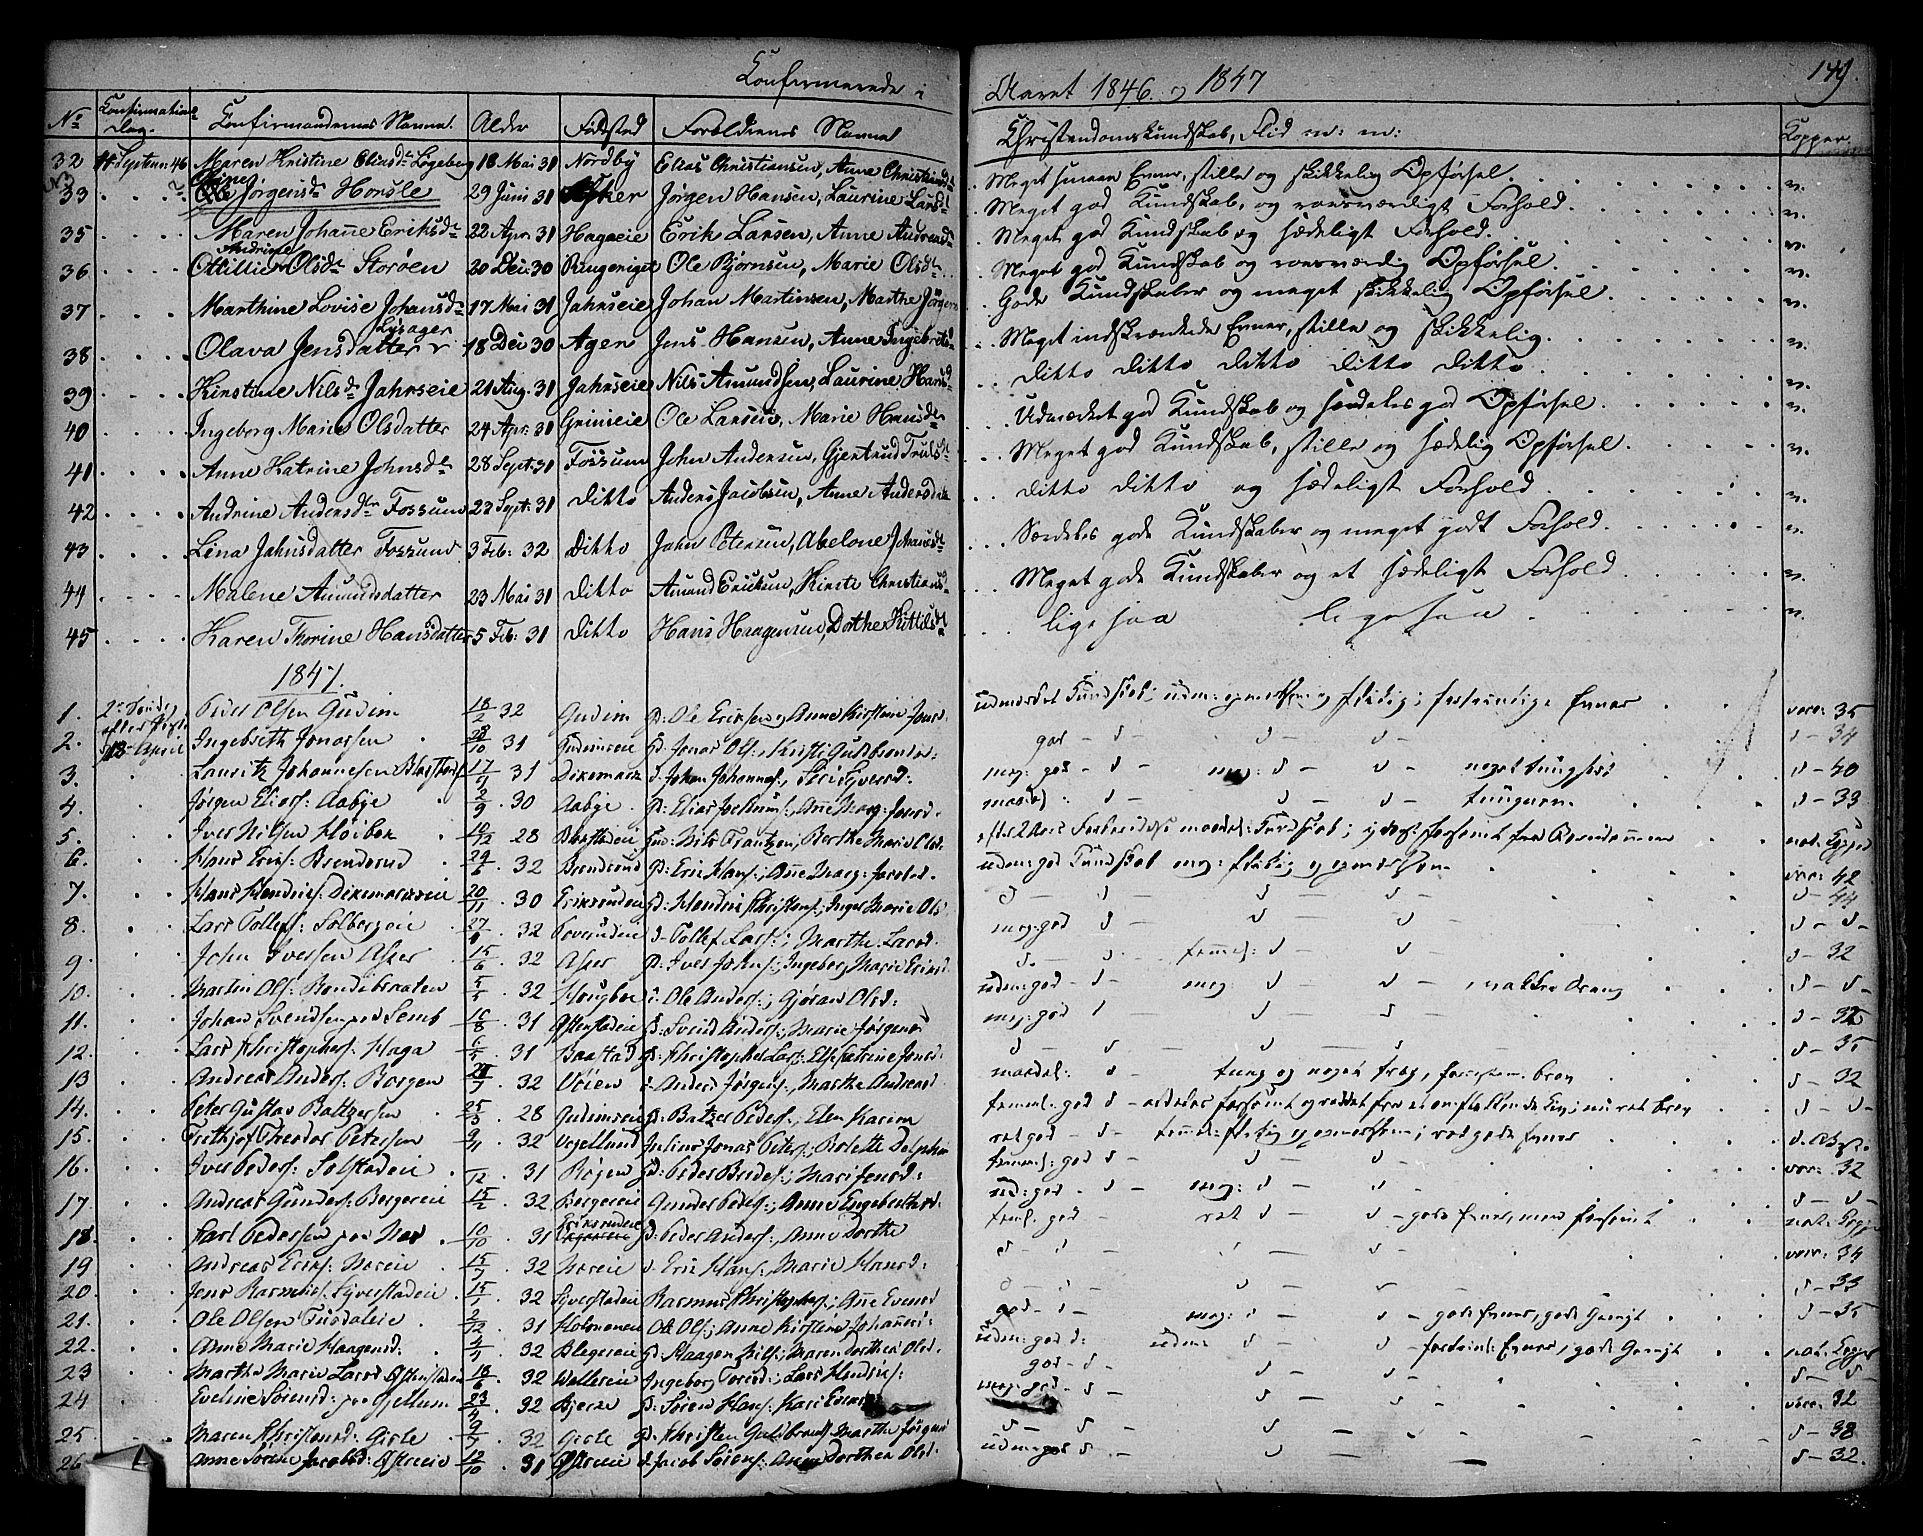 SAO, Asker prestekontor Kirkebøker, F/Fa/L0009: Ministerialbok nr. I 9, 1825-1878, s. 149